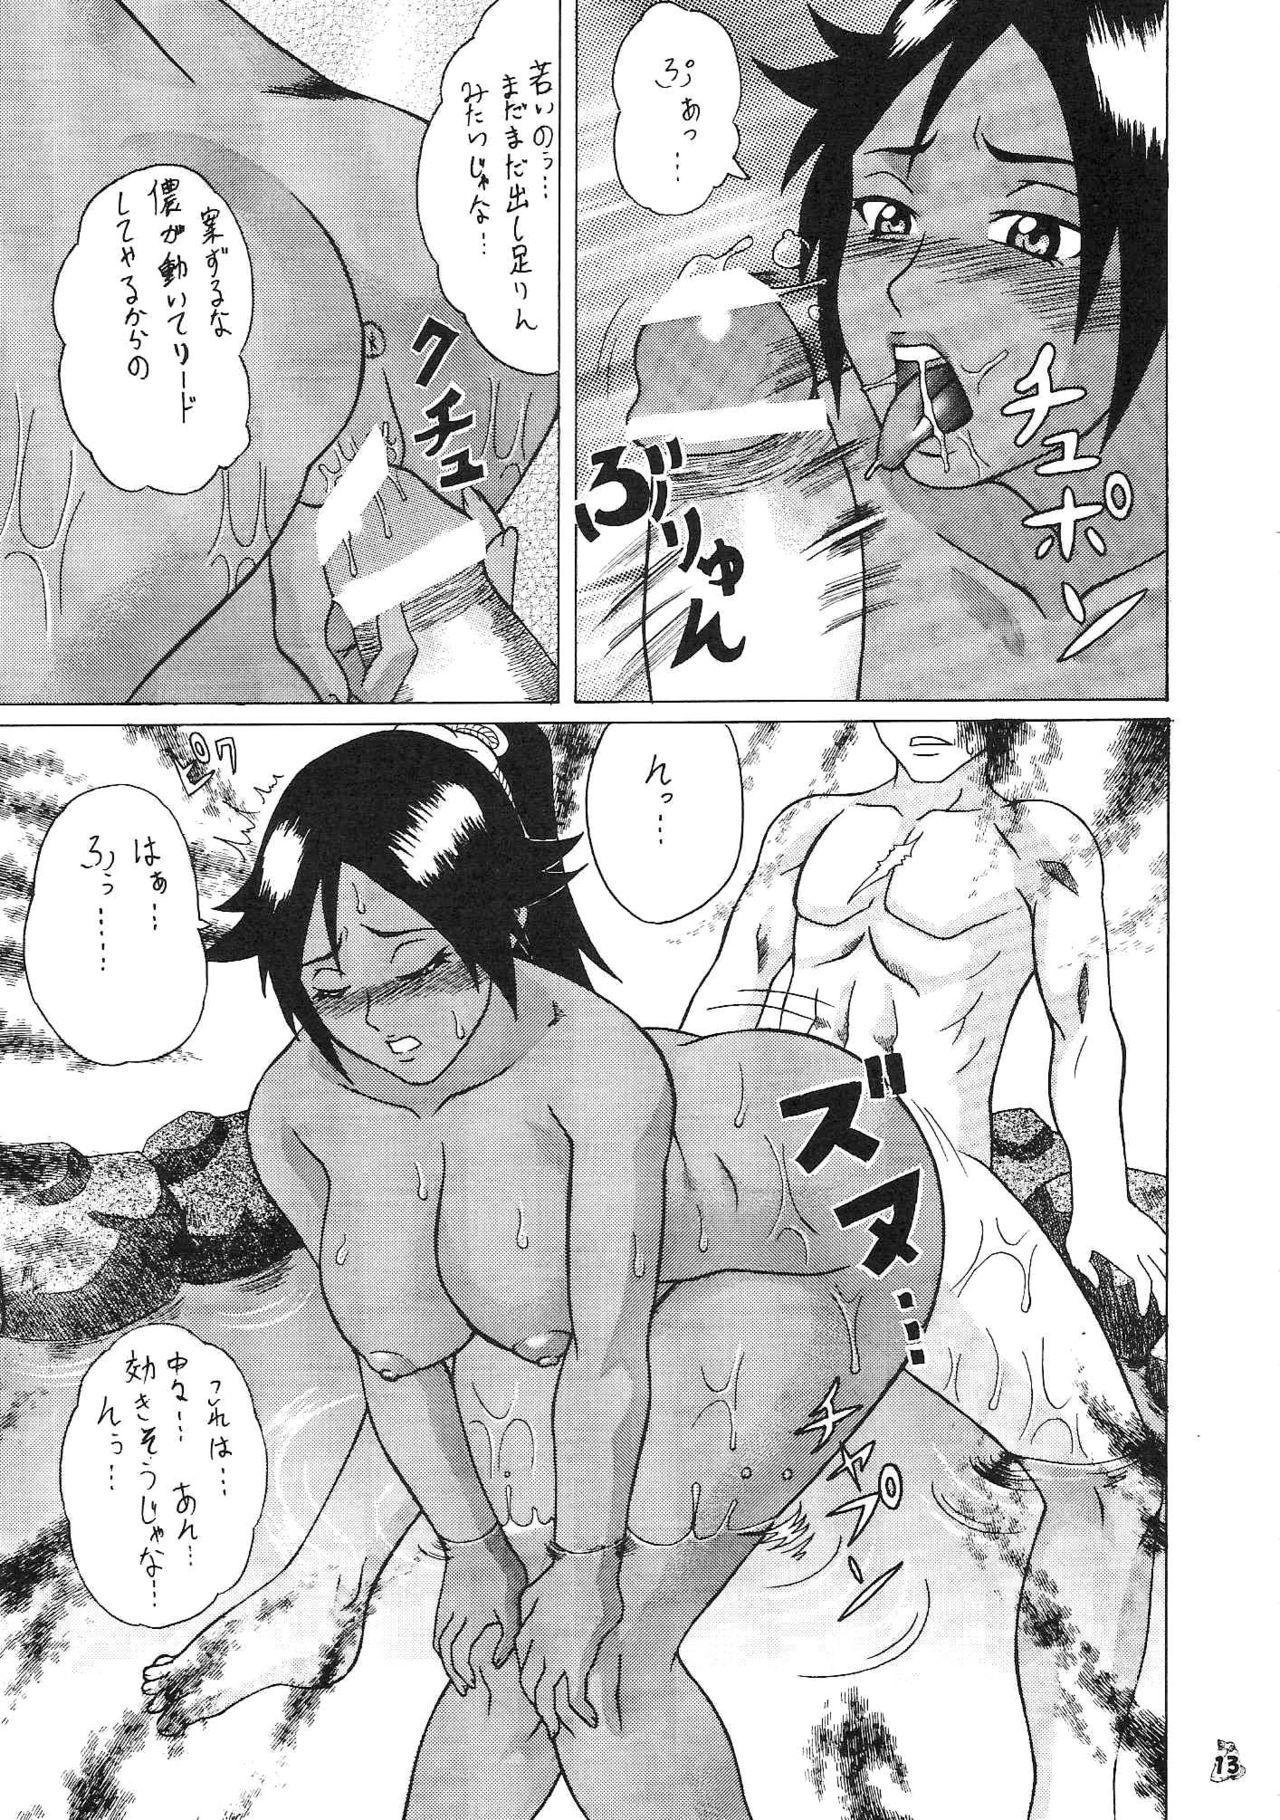 Moshimo Orihime ya Rangiku, Yo Ichi to Okarerunagara 11